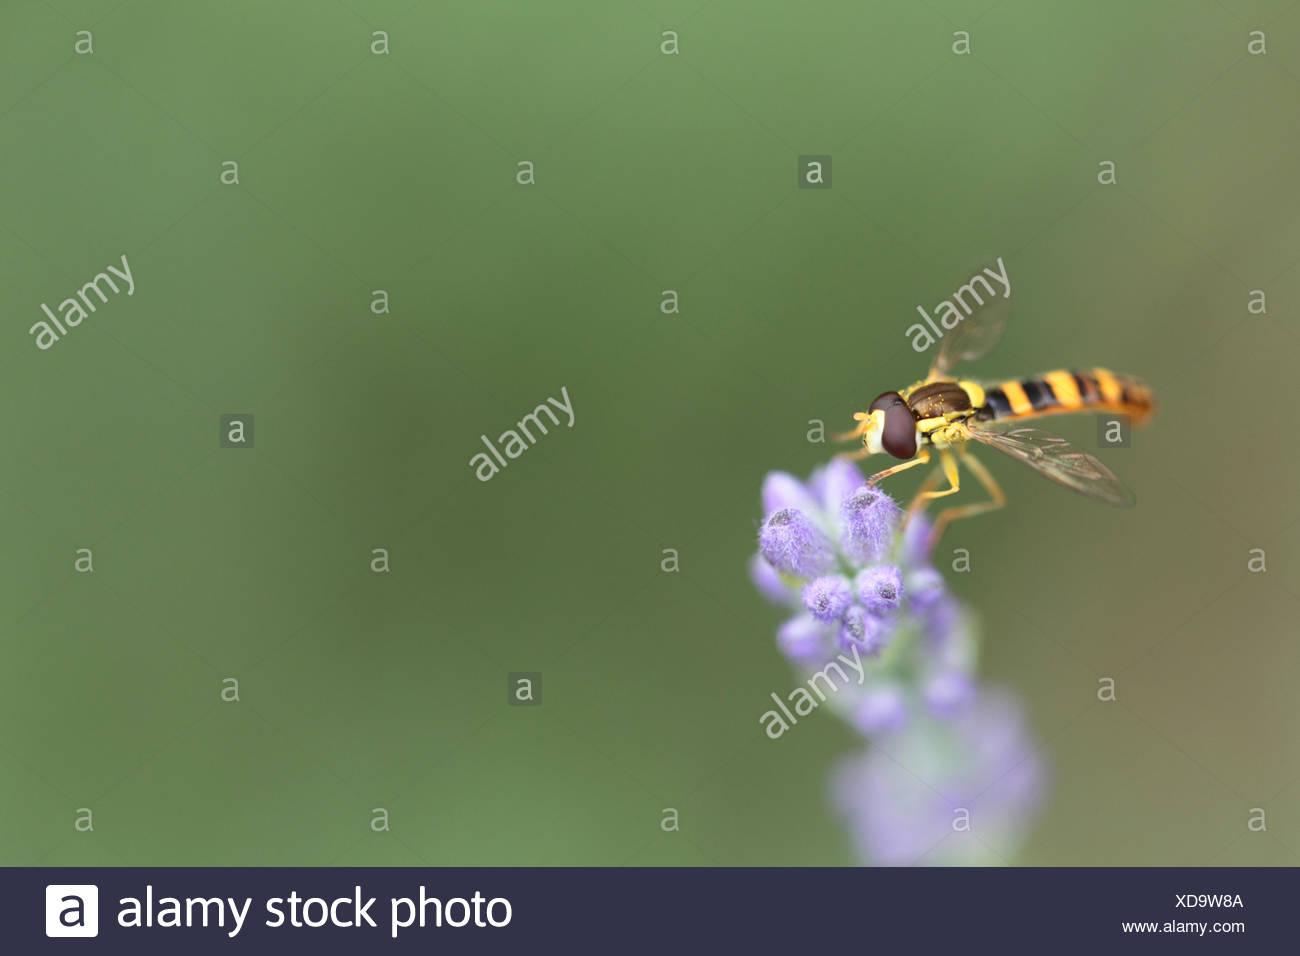 Sirfide, a veces llamado flor syrphid moscas o moscas, componen el insecto familia Syrphidae. Se ven a menudo flotando o nectaring en flores. Esta es una flor de lavanda Lavandula angustifolia. Imagen De Stock